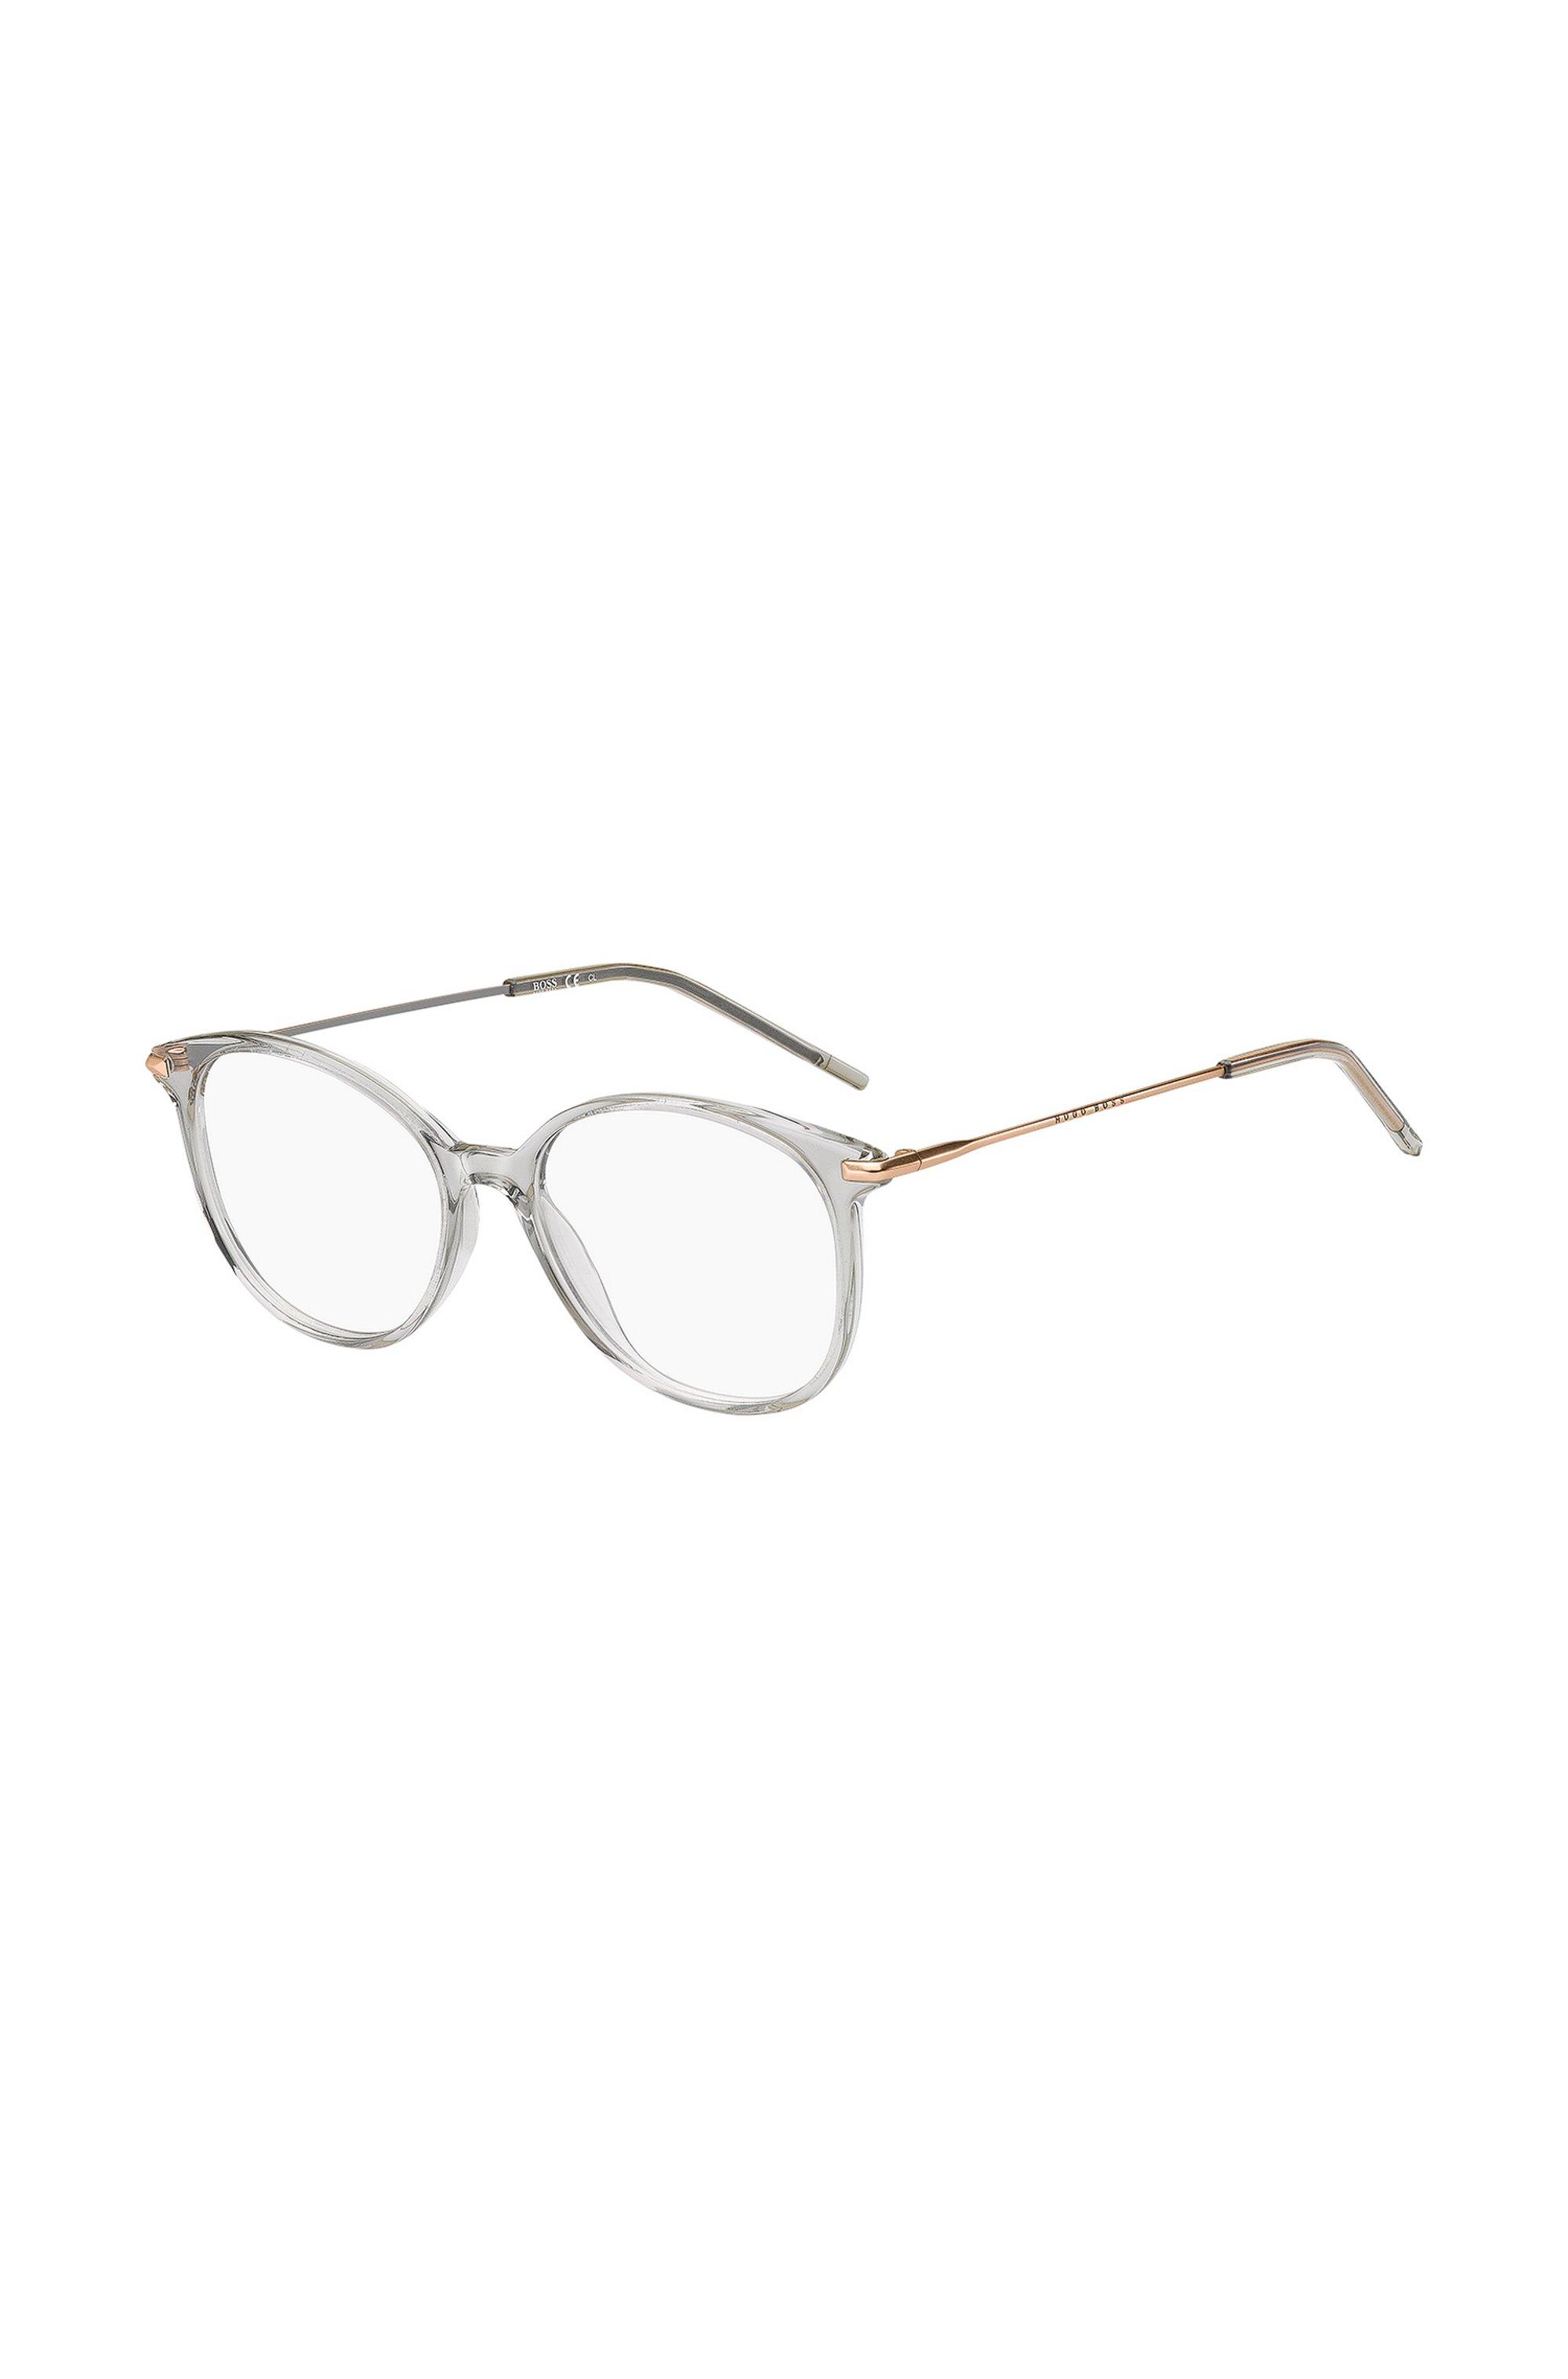 Monture optique en acétate gris avec branches dorées, Assorted-Pre-Pack